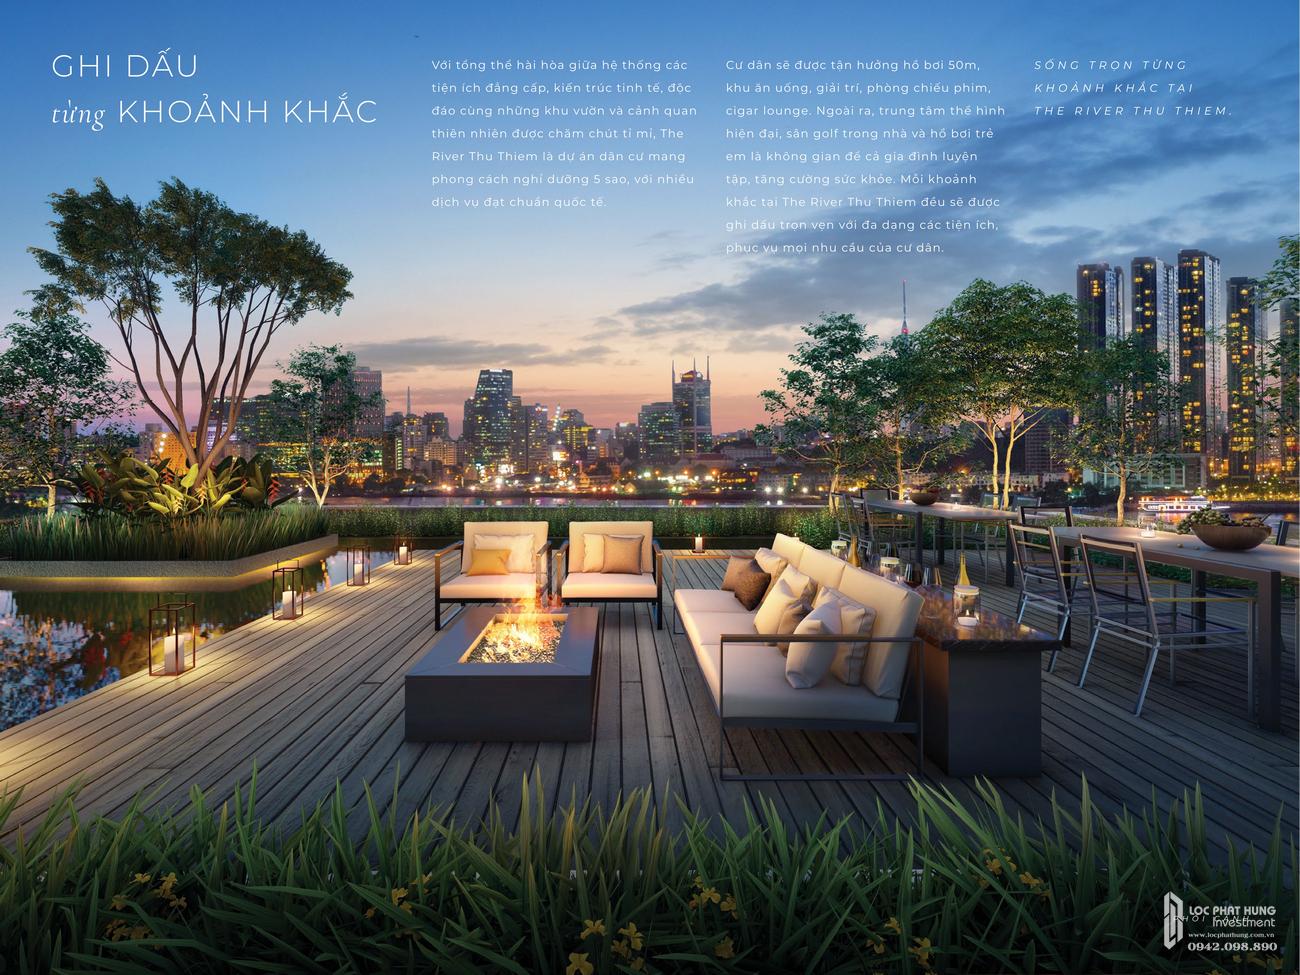 Tiện ích dự án căn hộ The River Thủ Thiêm Quận 2 Đường Nguyễn Cơ Thạch chủ đầu tư Refico